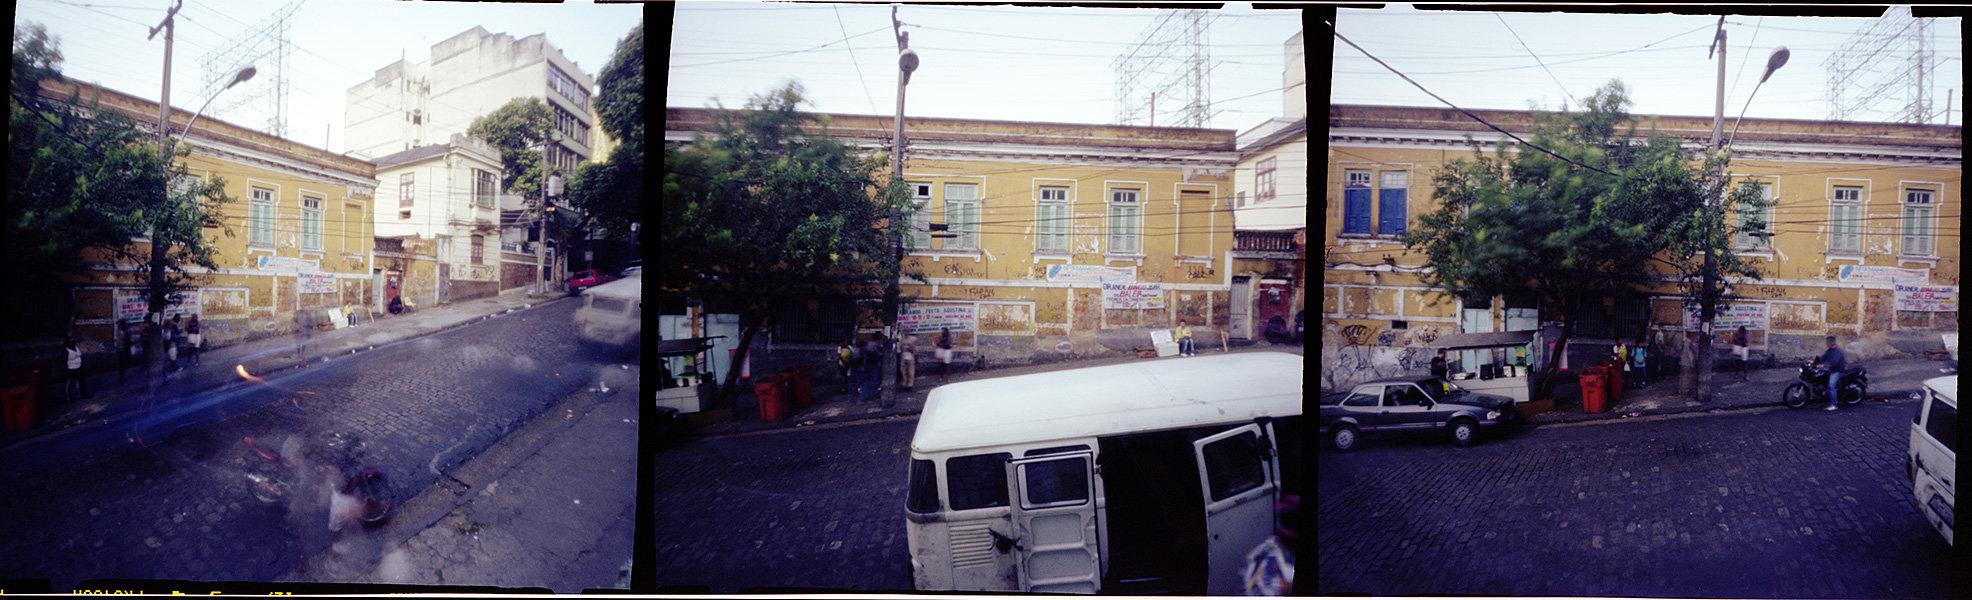 Favela, Observations 2